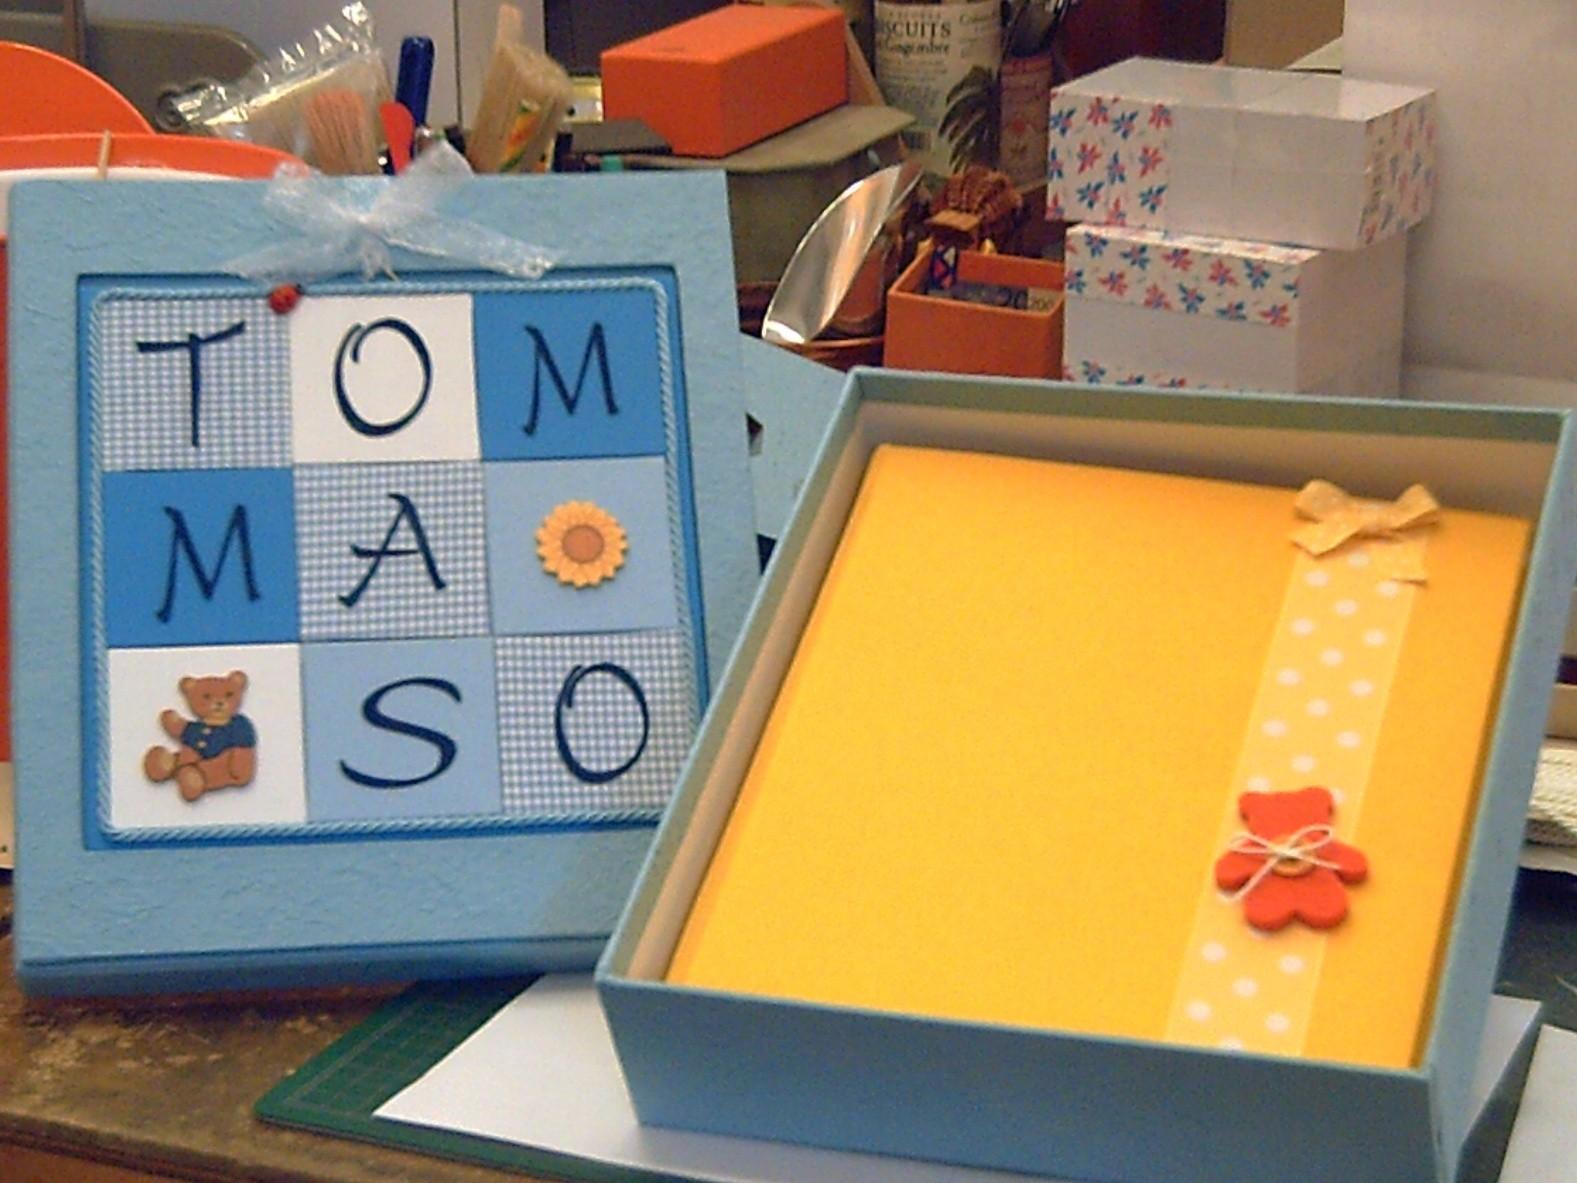 La scatola dell'album ha la particolarità di incorniciare il nome del bambino su un pannello che può essere appeso